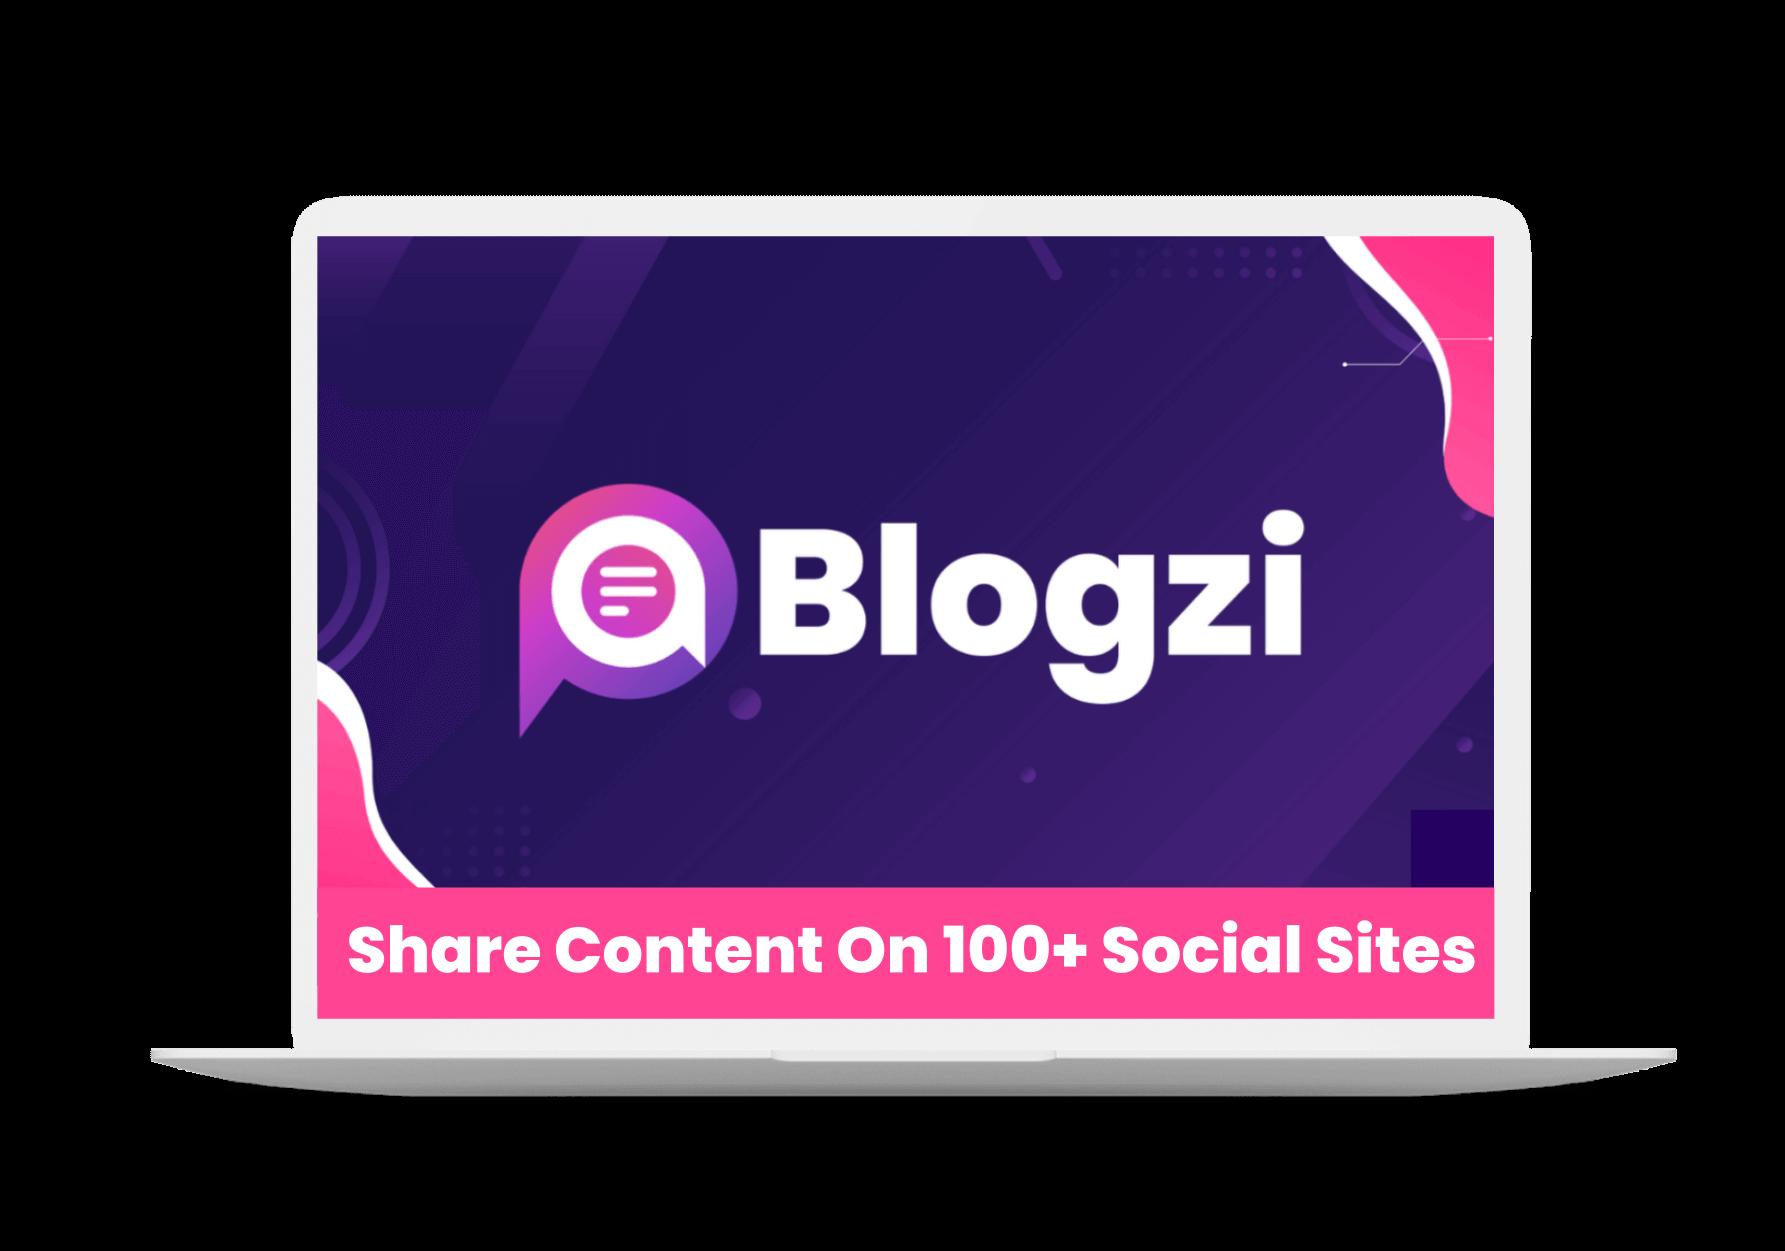 Blogzi-feature-4